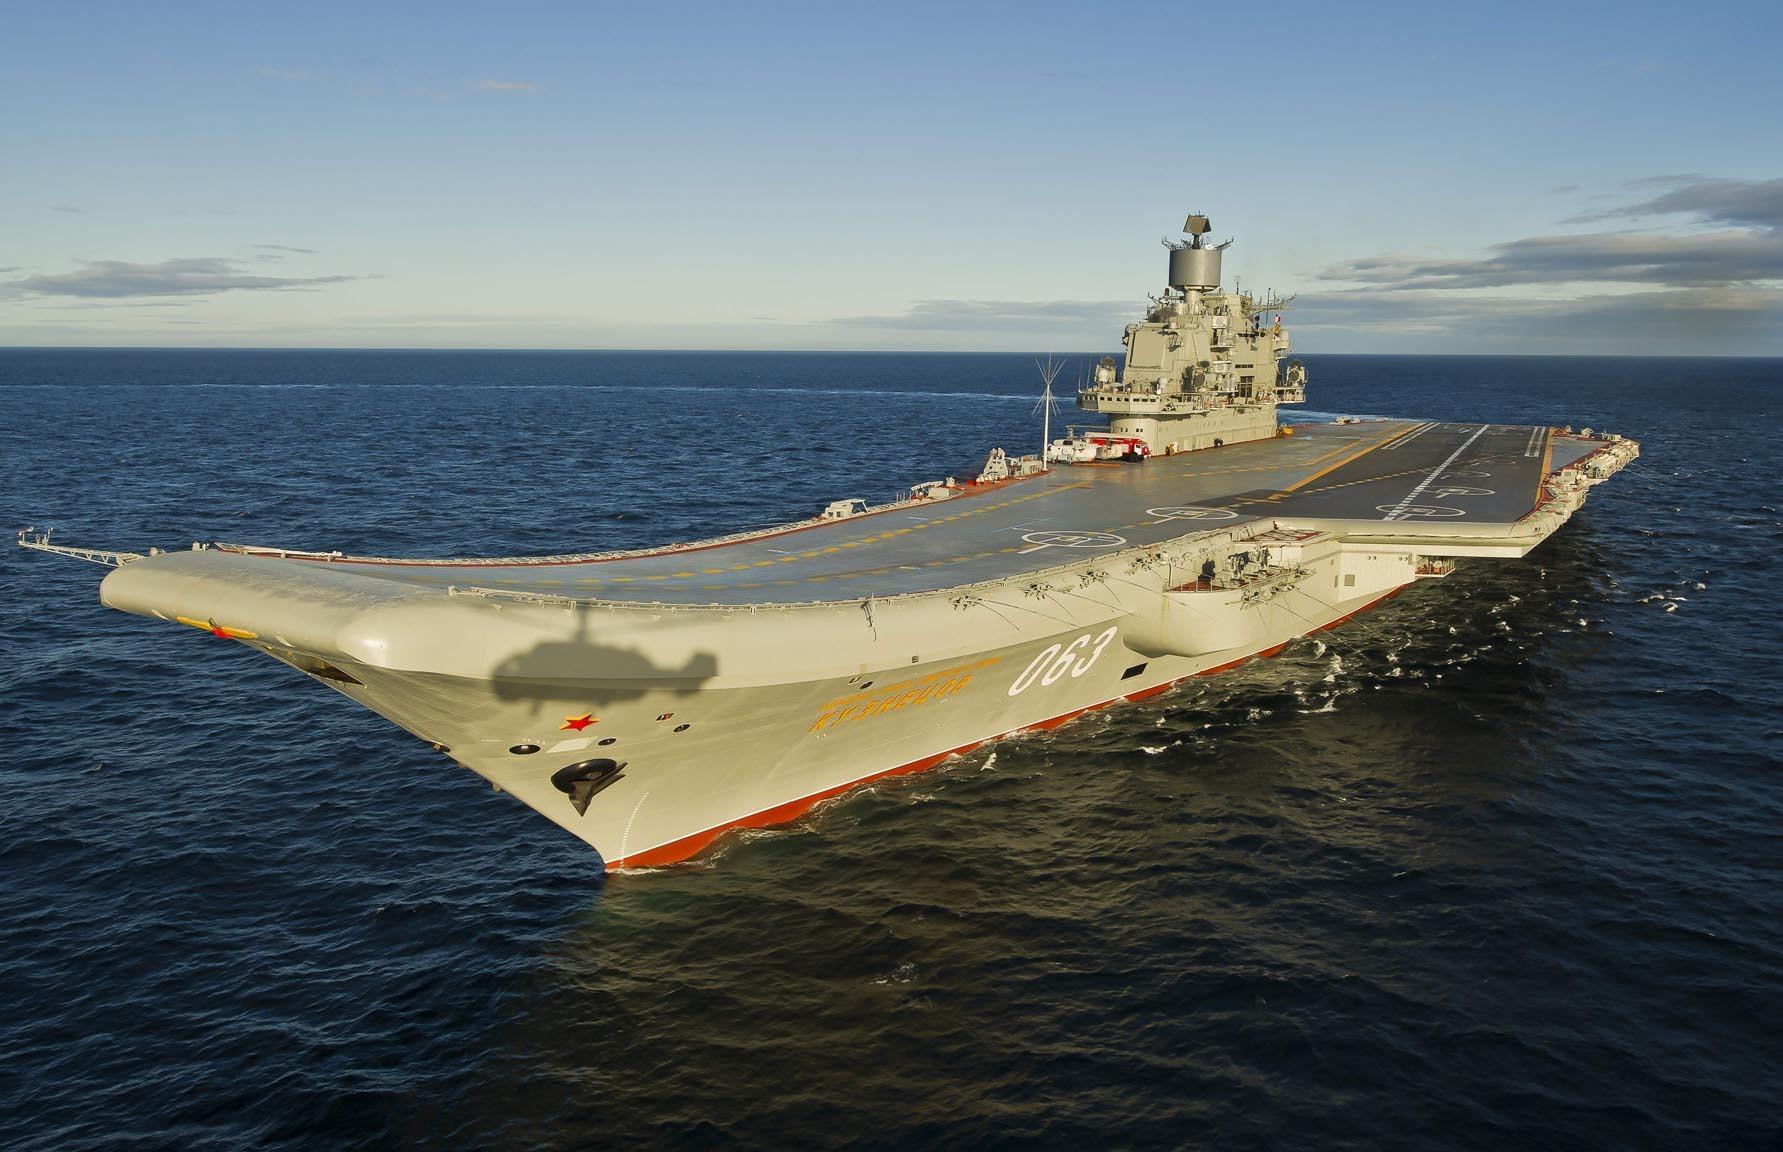 Тяжелый авианесущий крейсер. Пр.11435. «Адмирал Кузнецов». - 15